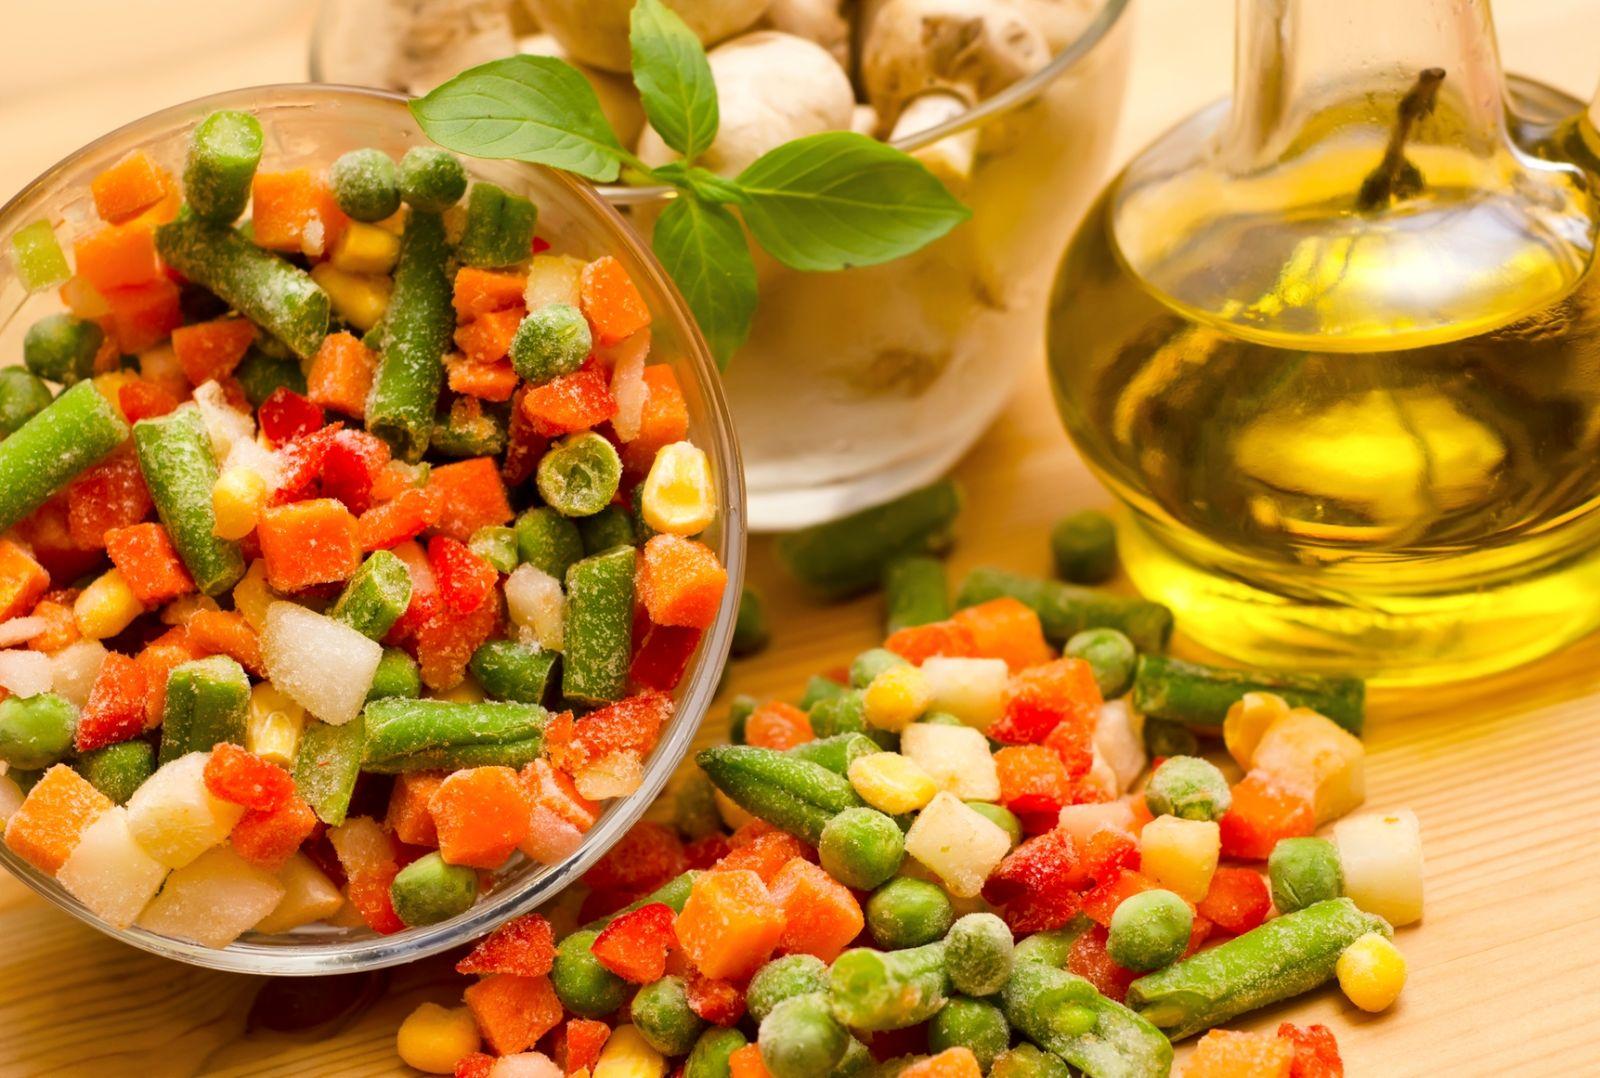 Как правильно замораживать овощи и фрукты? - фото №4